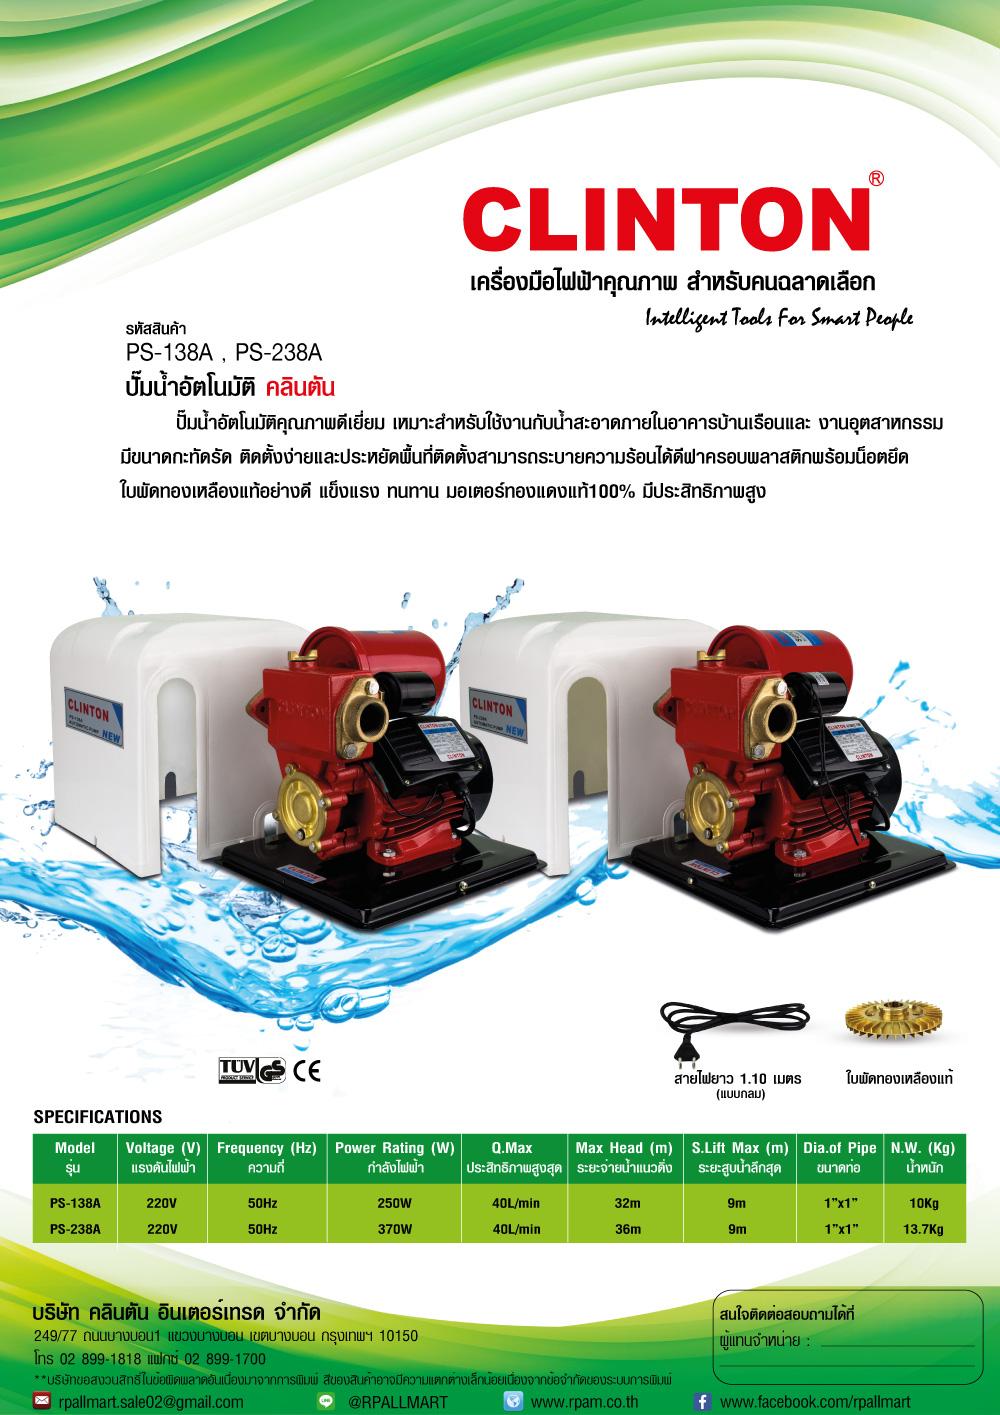 โบว์ชัวร์ CLINTON ปั๊มน้ำอัตโนมัติ 1 นิ้ว 370วัตต์ ฝาครอบ